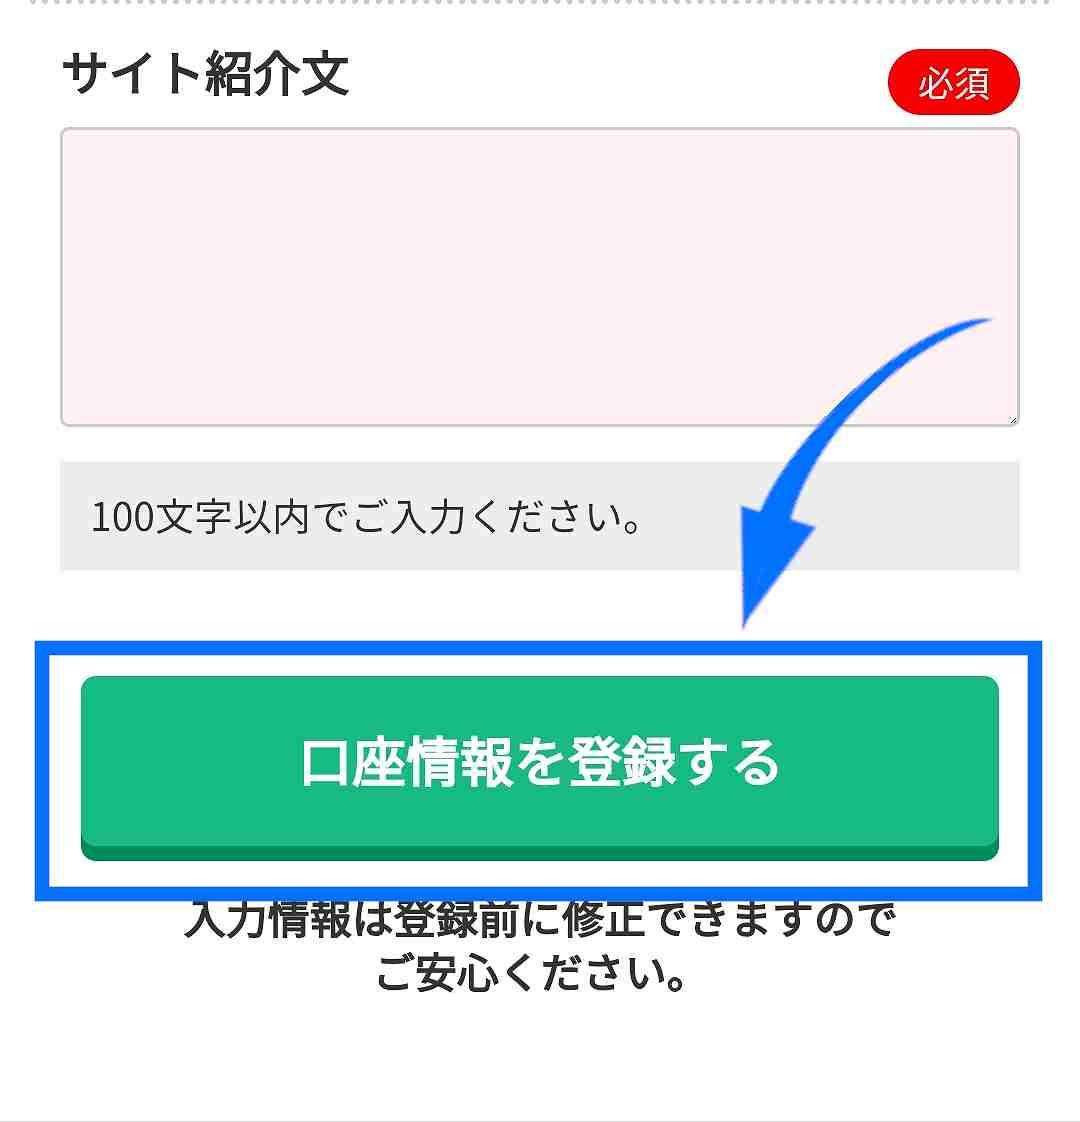 A8.netの登録方法13A8.netの口座情報の登録へ進みます